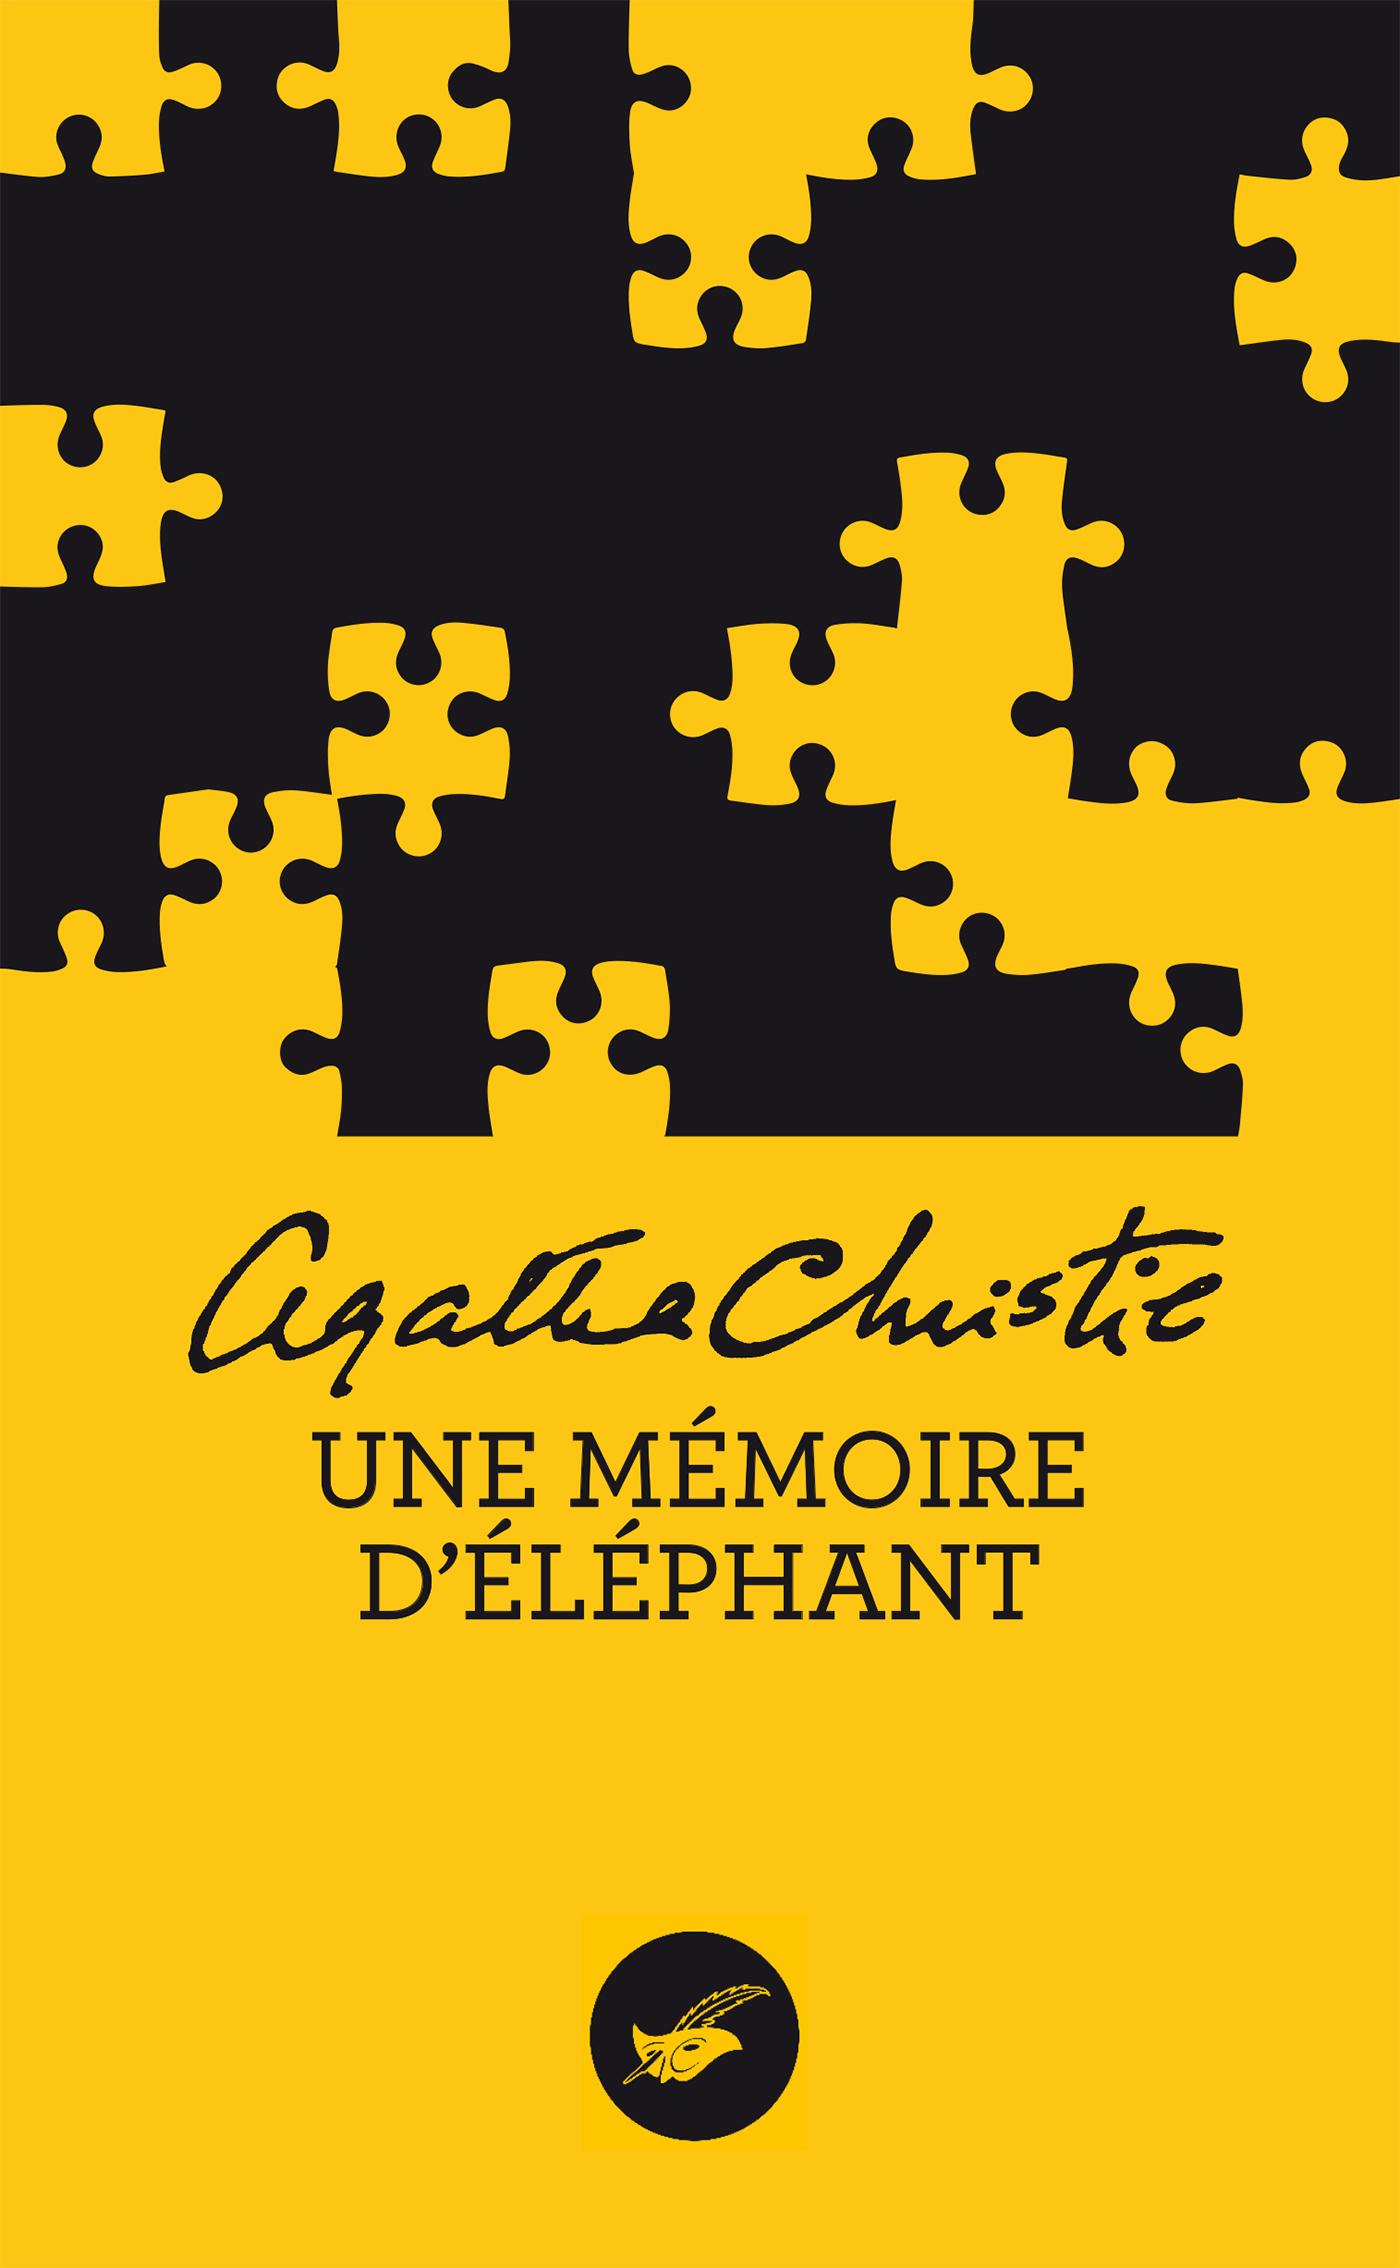 UNE MEMOIRE D'ELEPHANT (NOUVELLE TRADUCTION REVISEE)